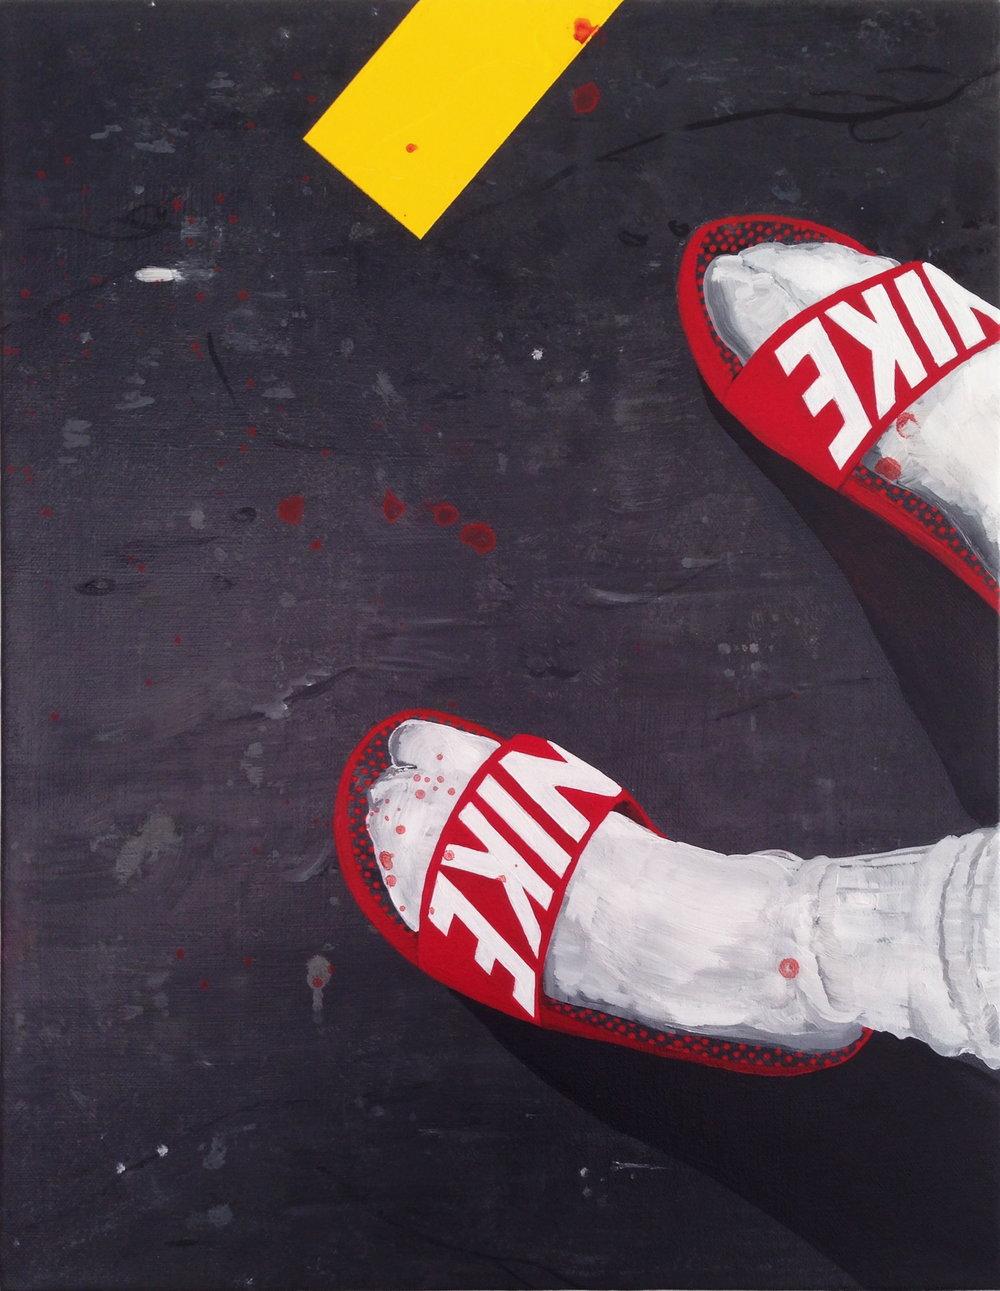 B positive, blood  acrylic on canvas  14 x 18  2015